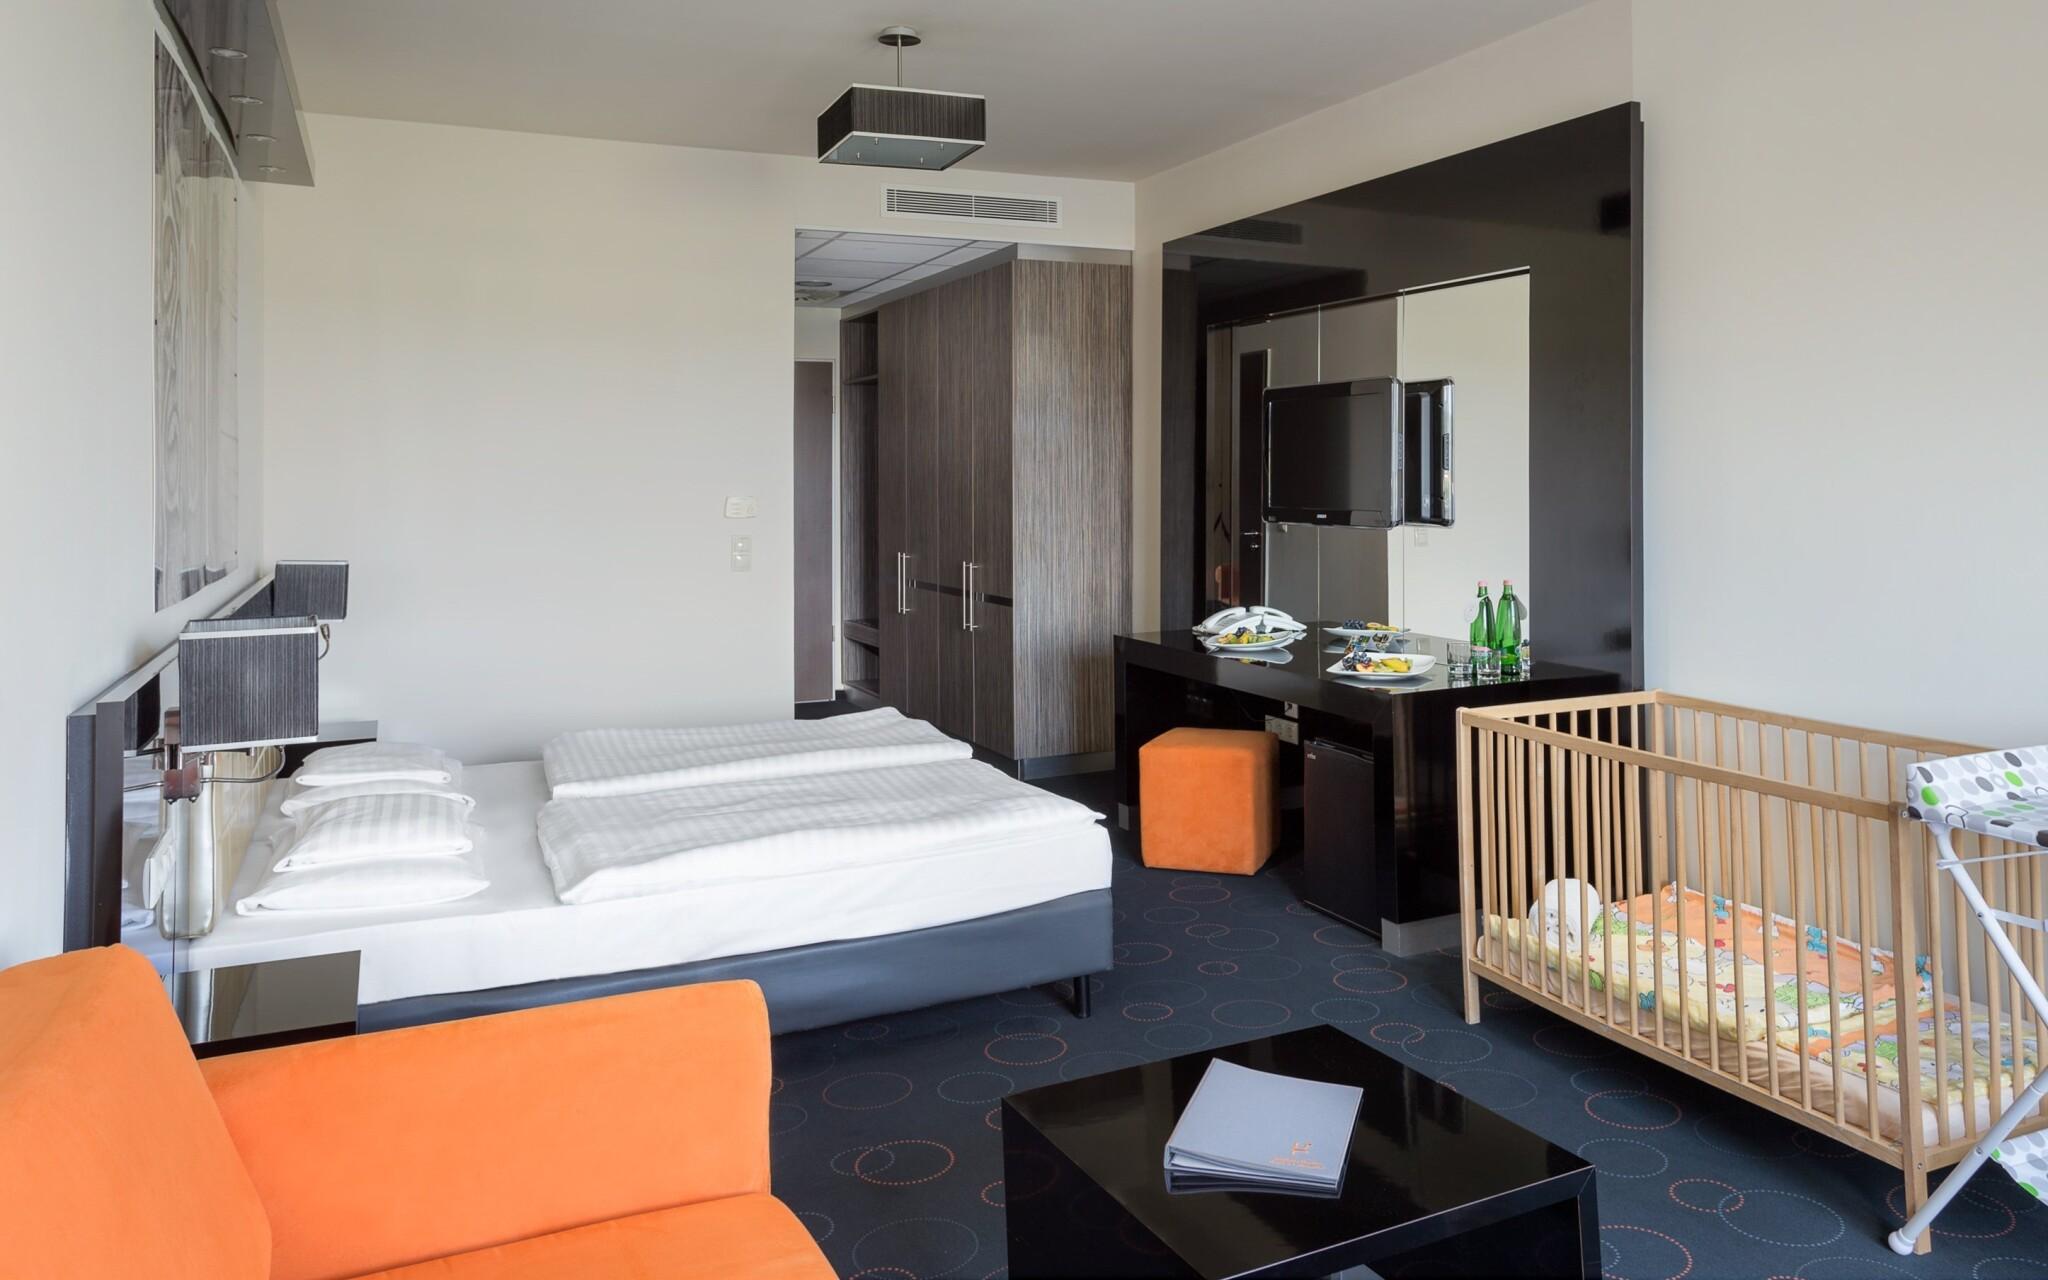 Izby sú naozaj priestranné, Gotthard Therme Hotel